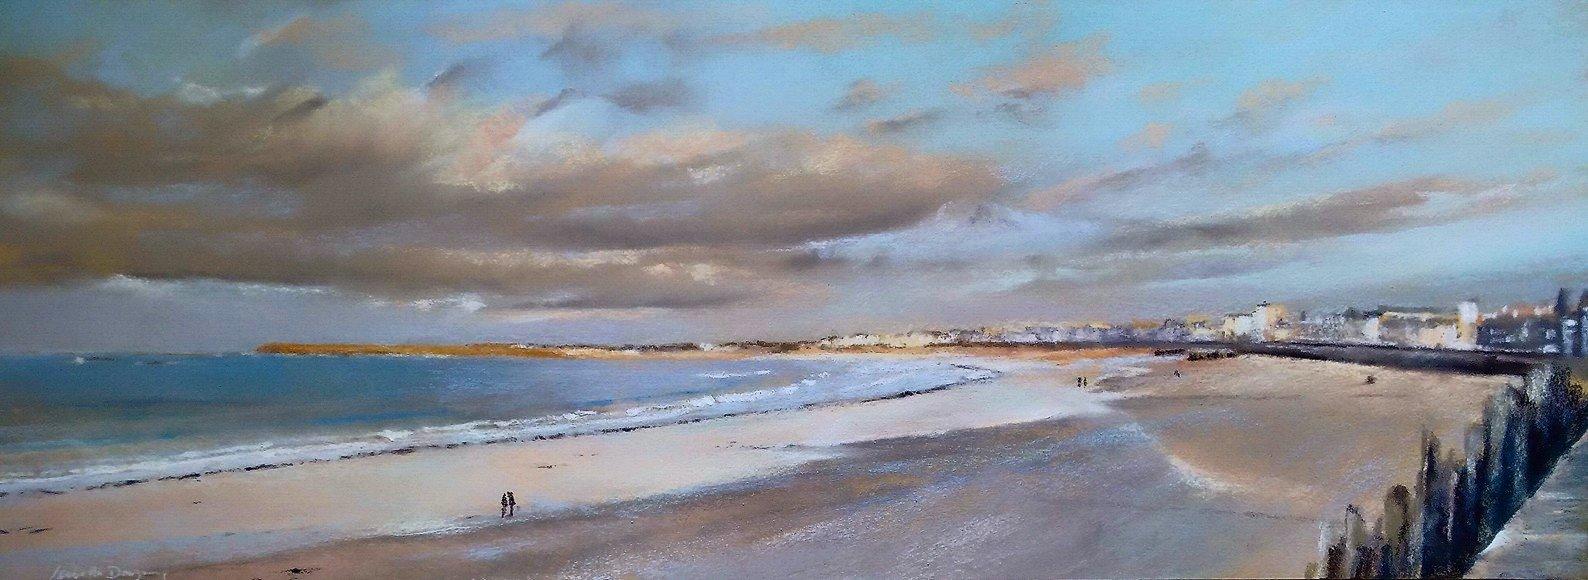 Ambiance poudrée à la plage du Sillon à St Malo - Peinture au pastel sec par l'artiste peintre Isabelle Douzamy - Panoramique 40x102 cm (encadré)